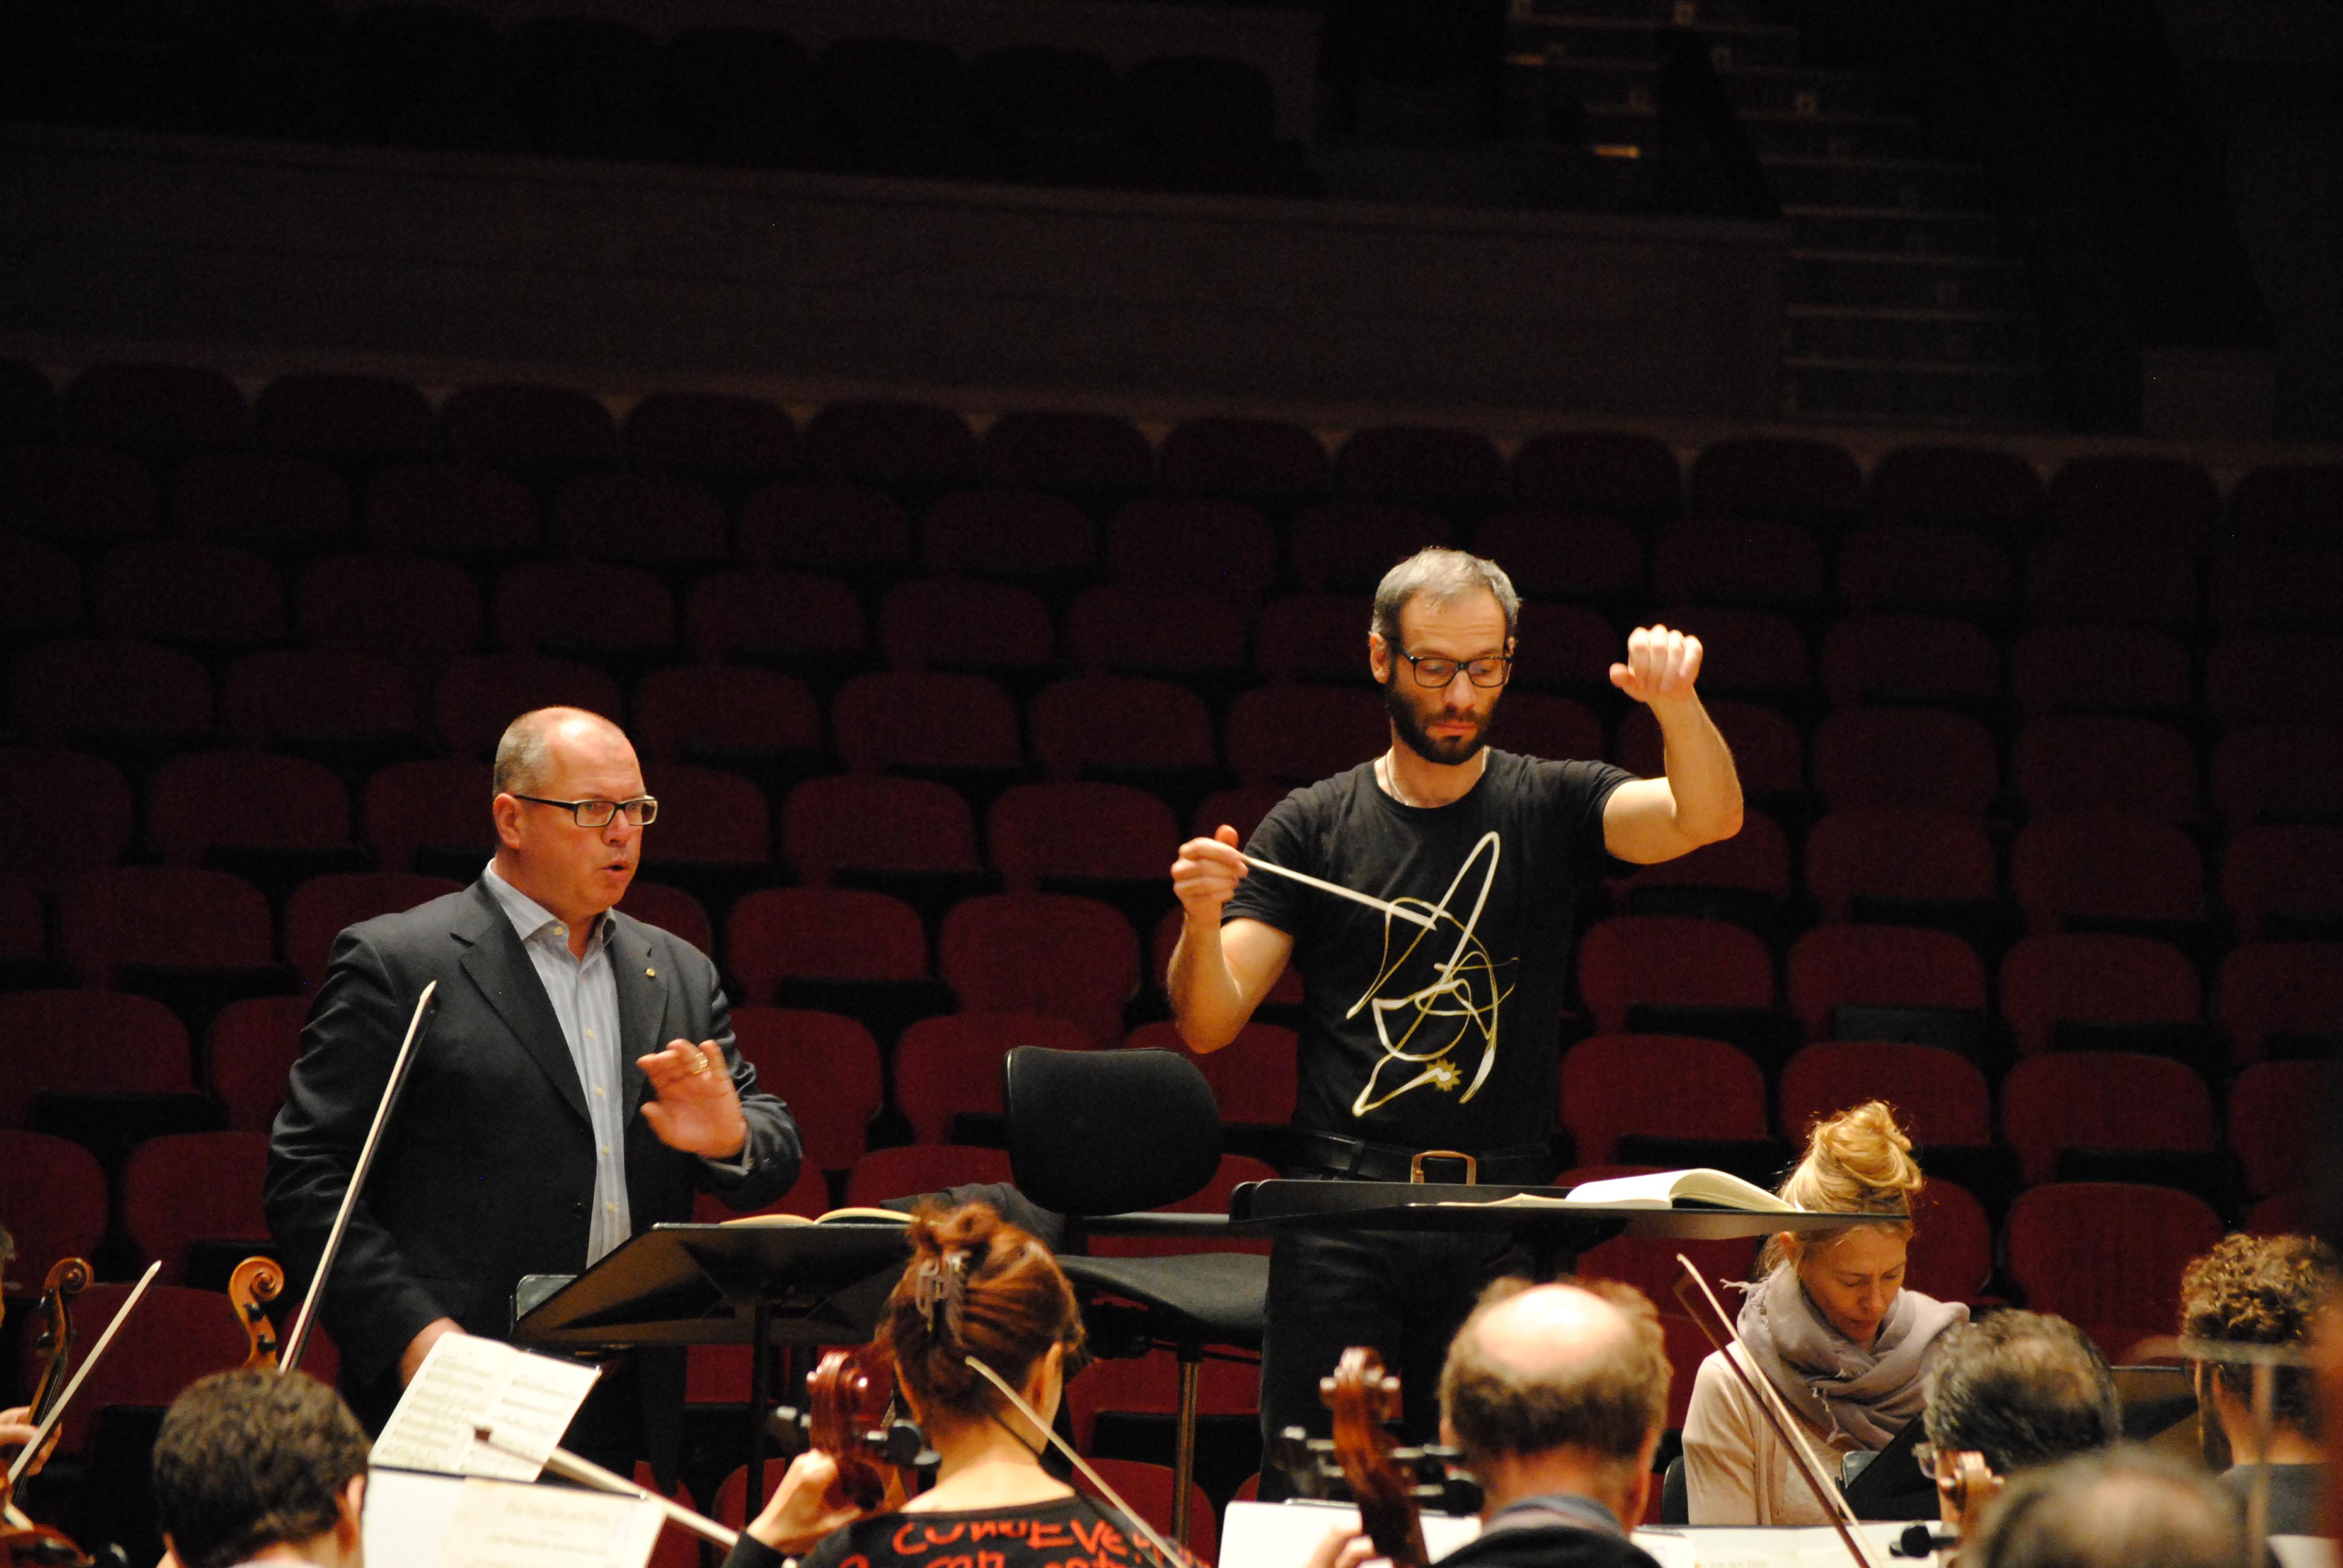 La OSG interpreta a Mahler y Dvorák en el festival Musika-Música 2017 de Bilbao